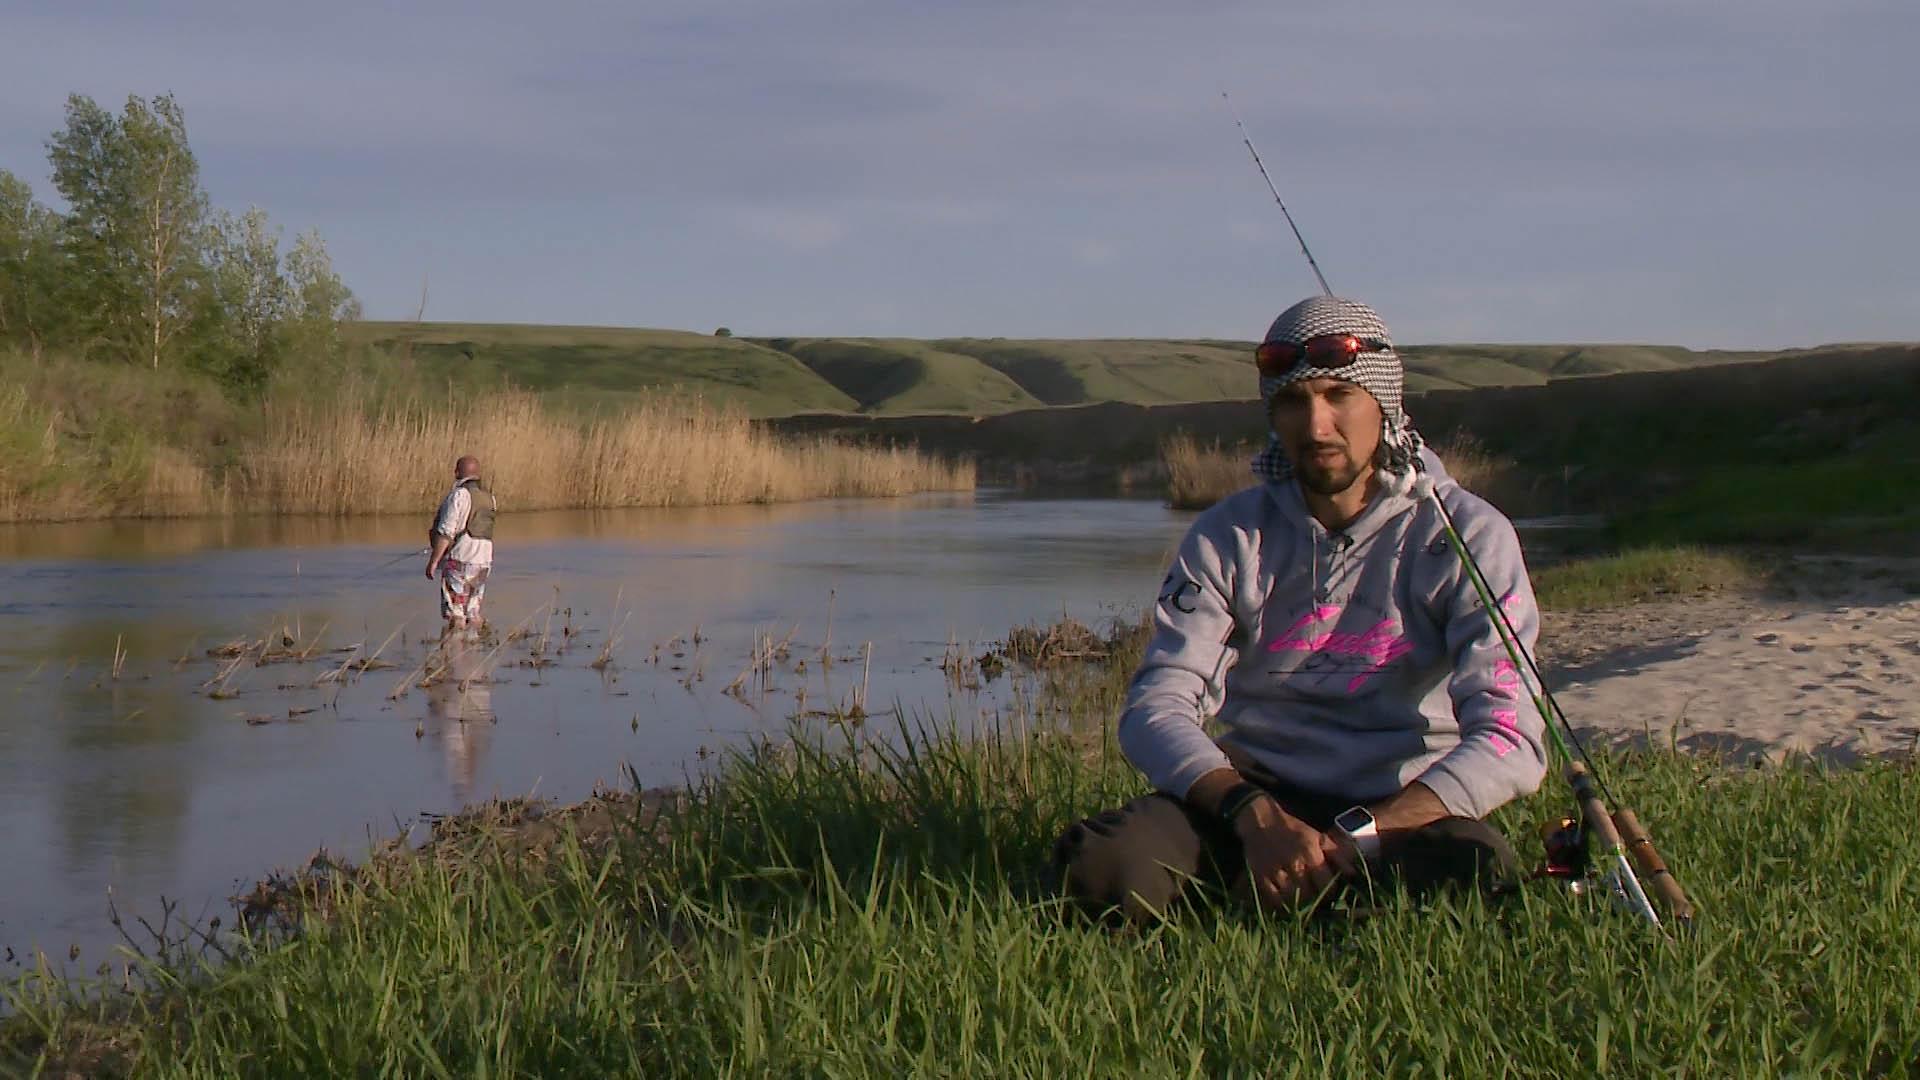 рыбалка на реке чир волгоградская область видео